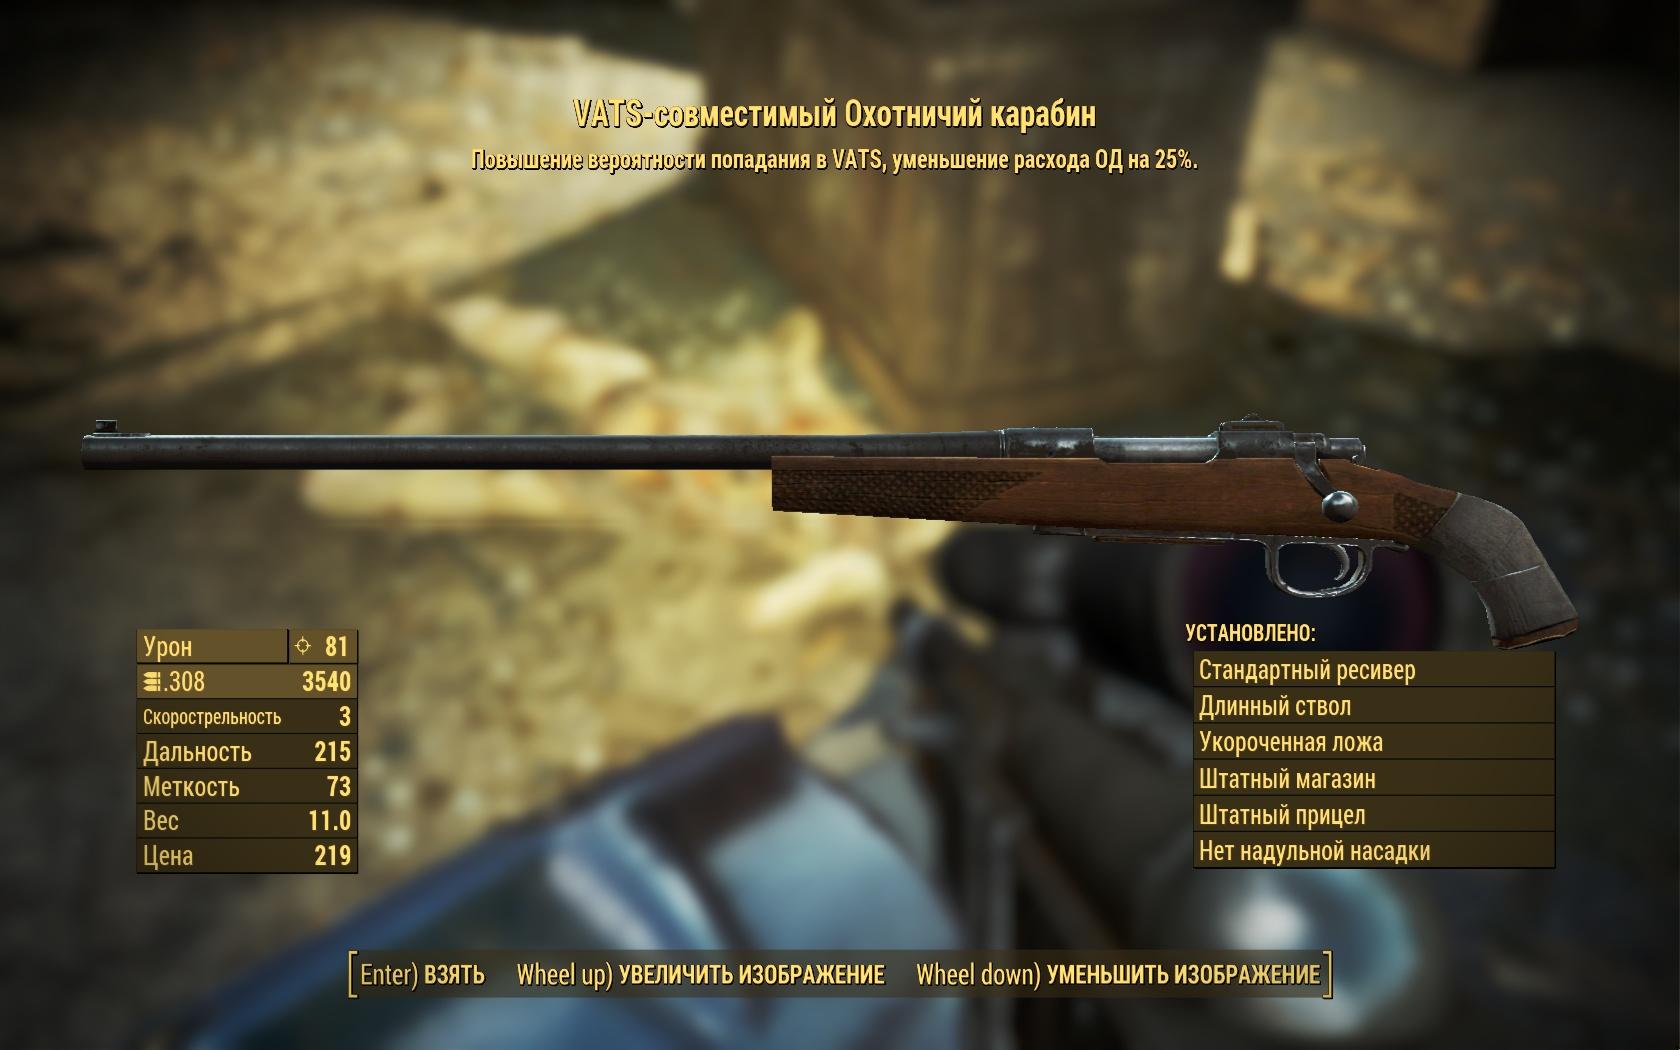 карабин - Fallout 4 VATS, VATS-совместимый, Оружие, охотничий, совместимый